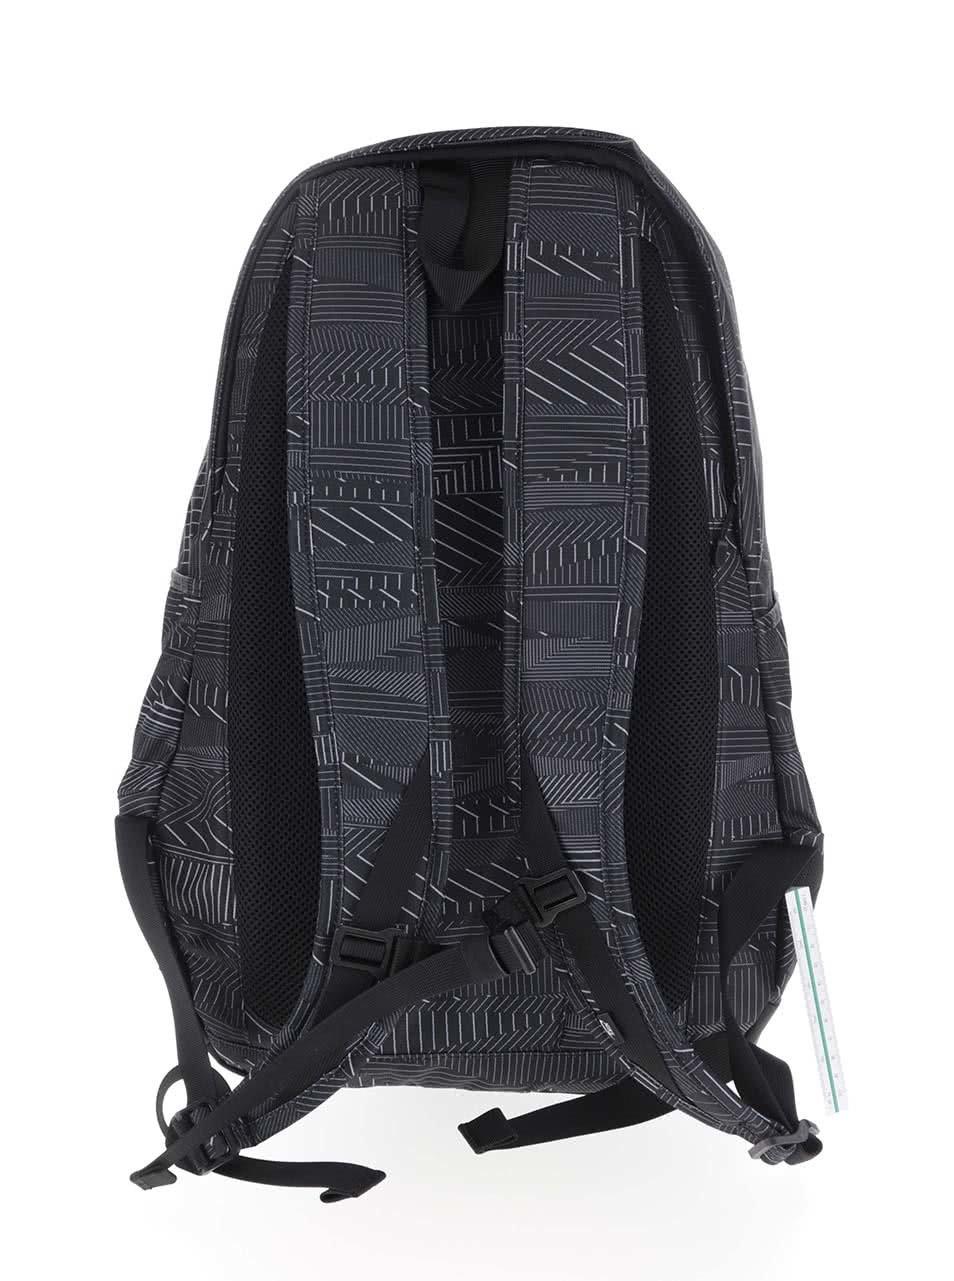 242f9b7b86 Černý vzorovaný batoh Nike Cheyenne 3.0 ...